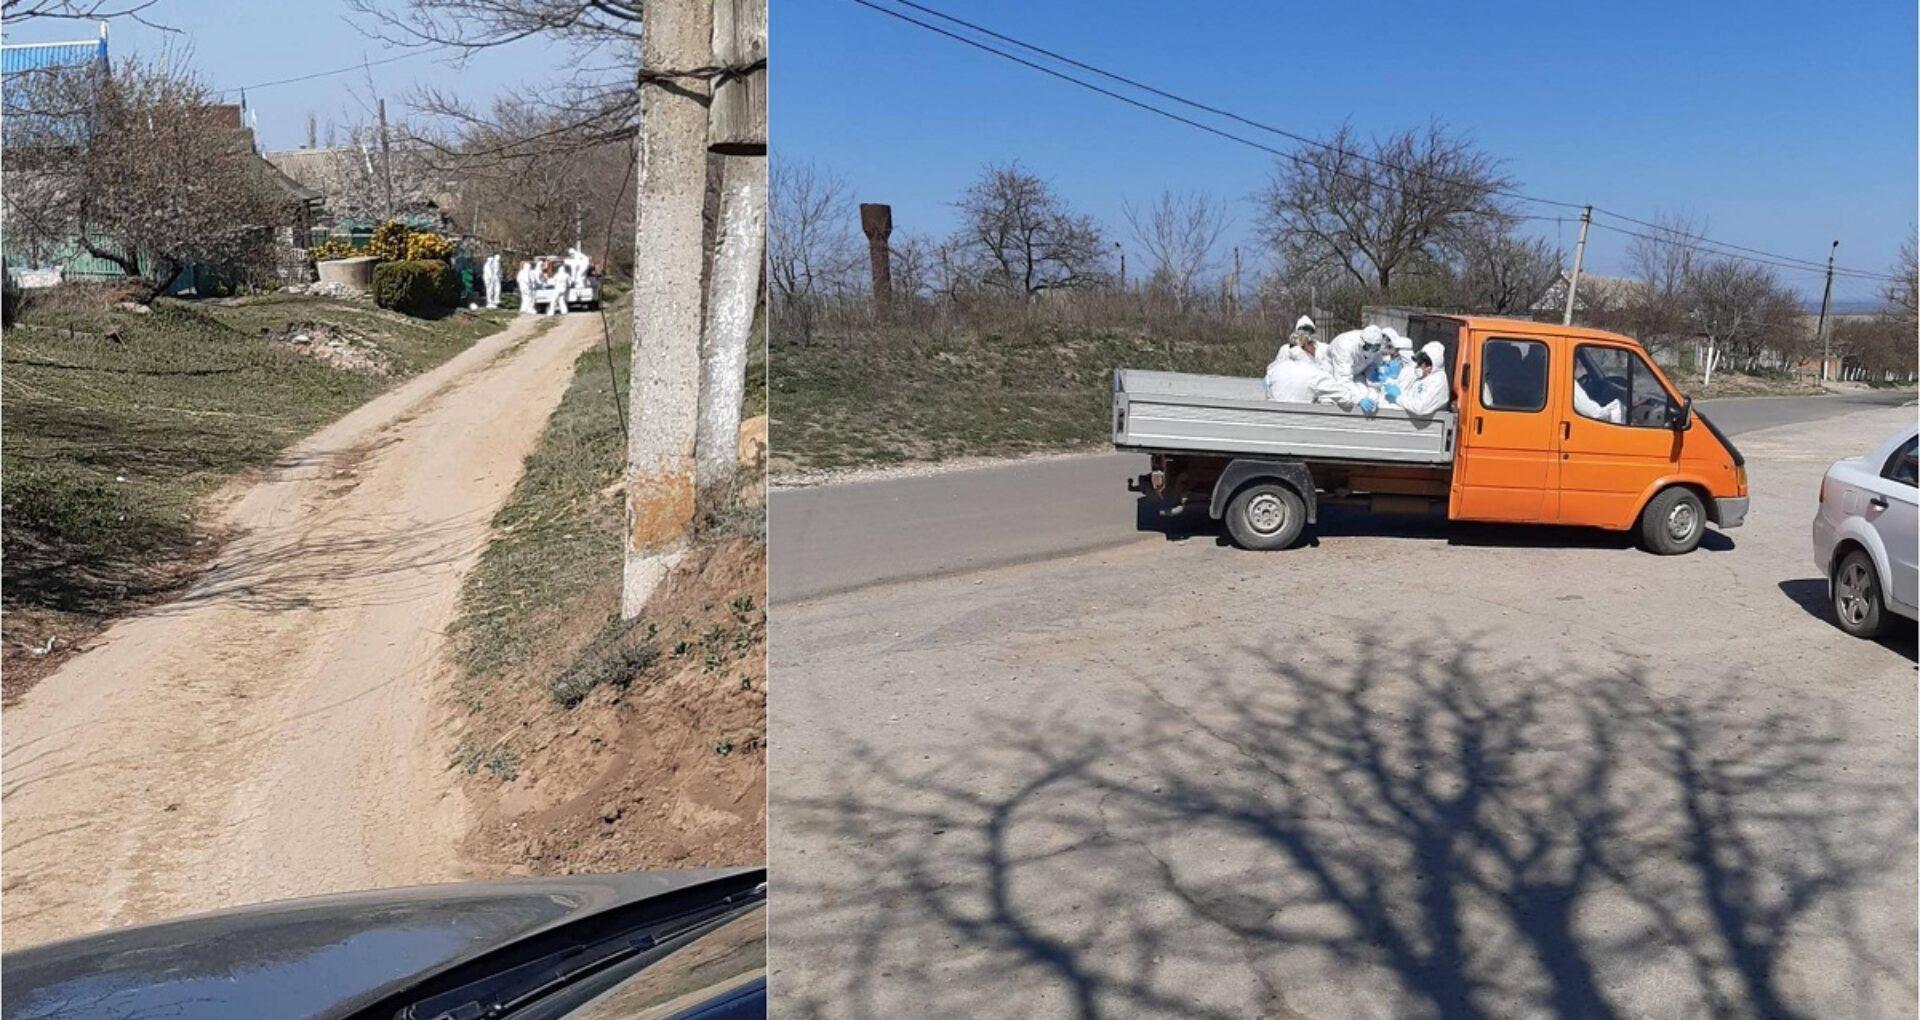 FOTO/ Deces suspect la Ștefan Vodă: O femeie a fost înmormântată fără a i se preleva probe, chiar dacă a stat în aceeași secție cu o femeie decedată din cauza COVID-19